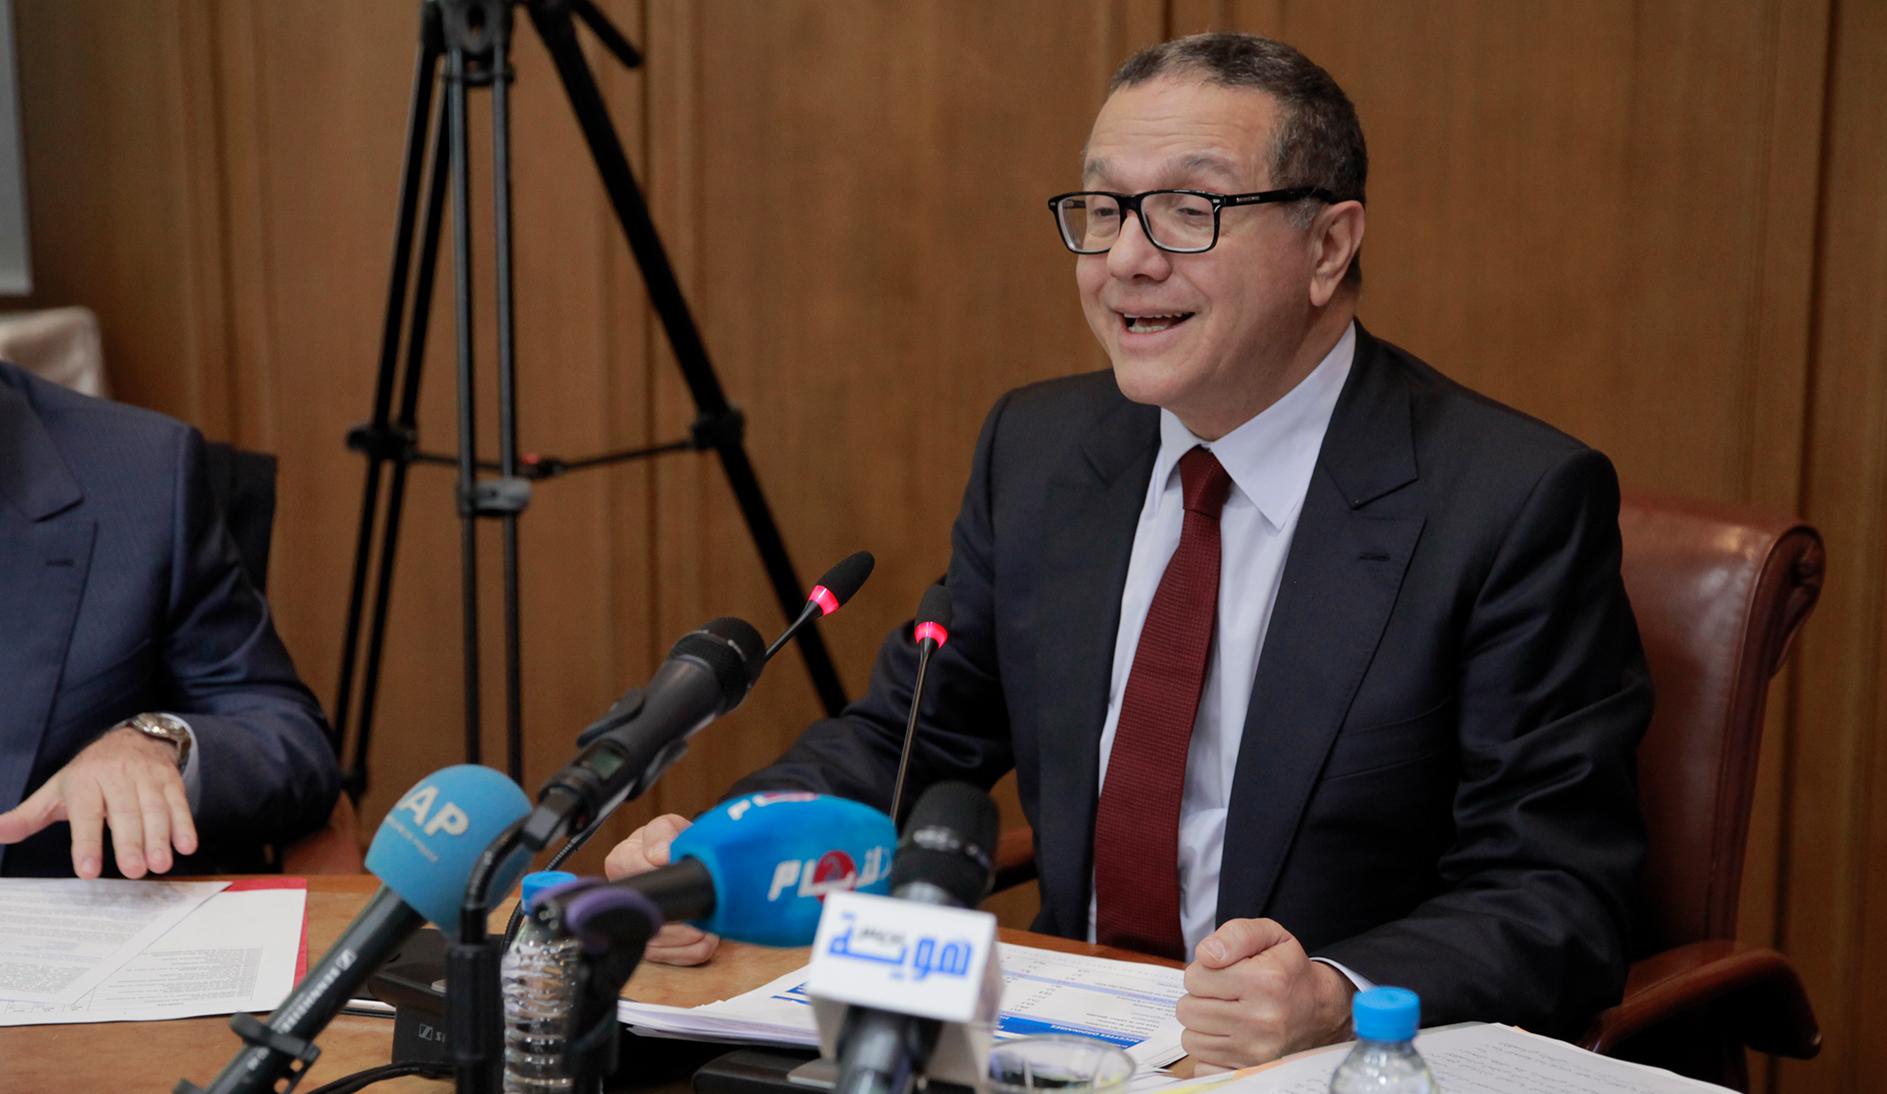 بوسعيد: الحكومة وبنك المغرب يتحملان مسؤولية حماية الاقتصاد الوطني